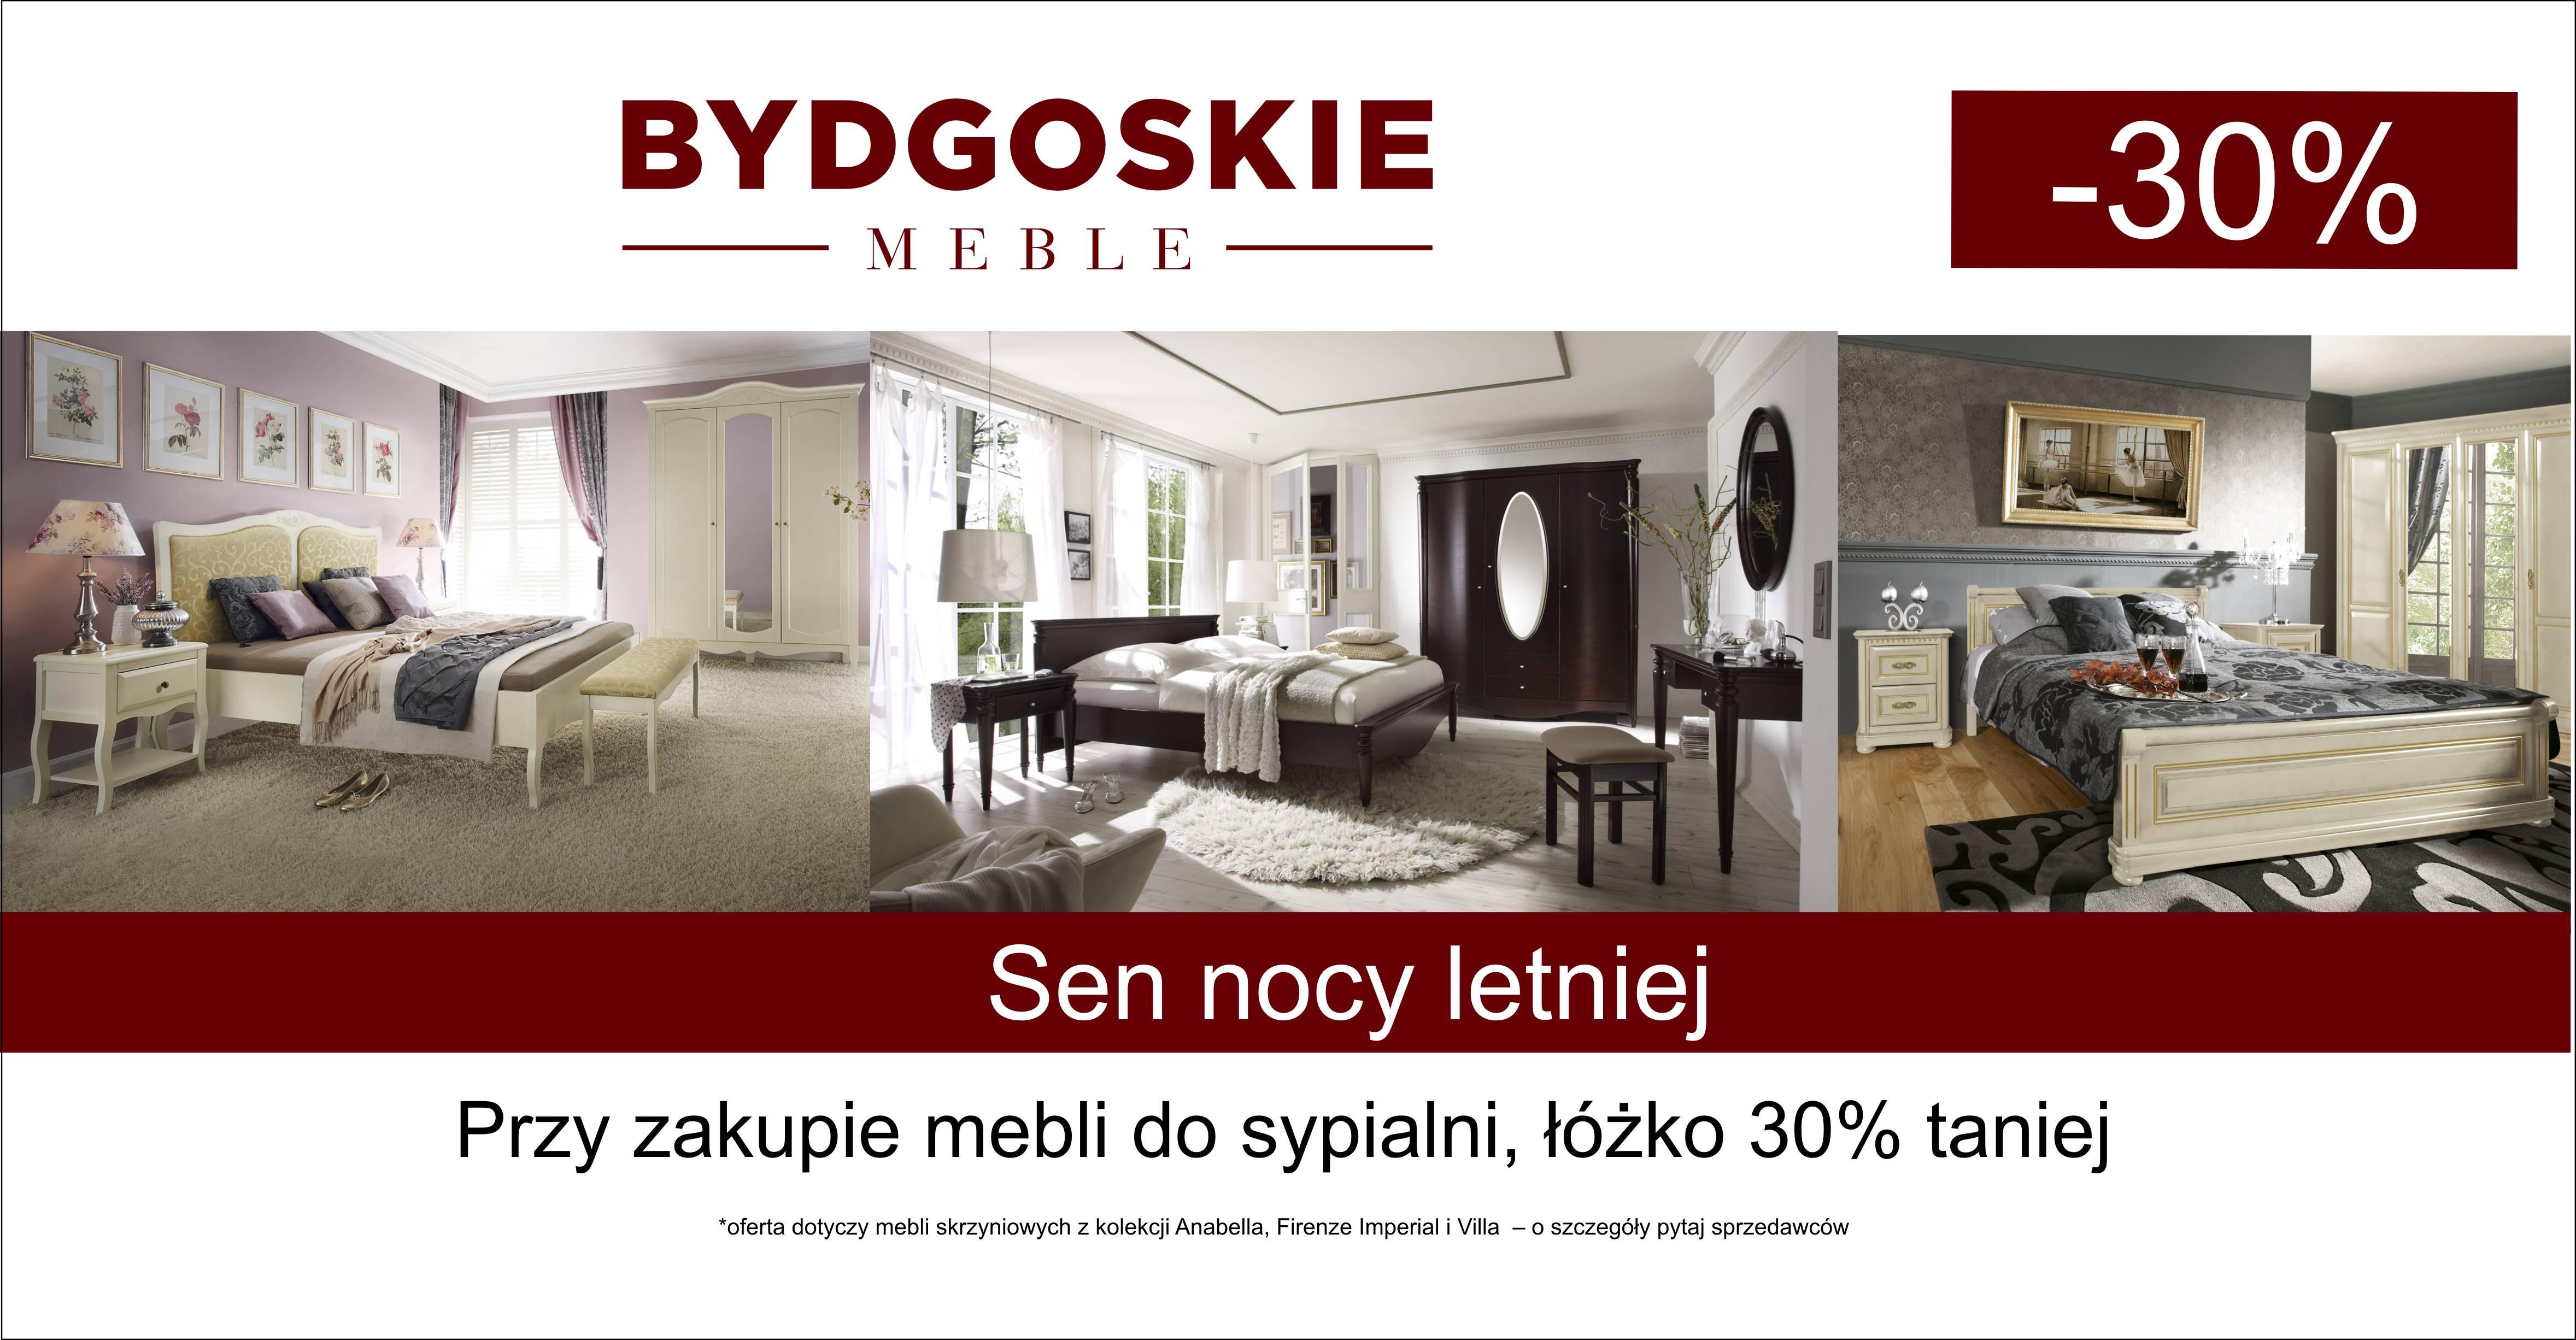 Bydgoskie Meble Sypialnia